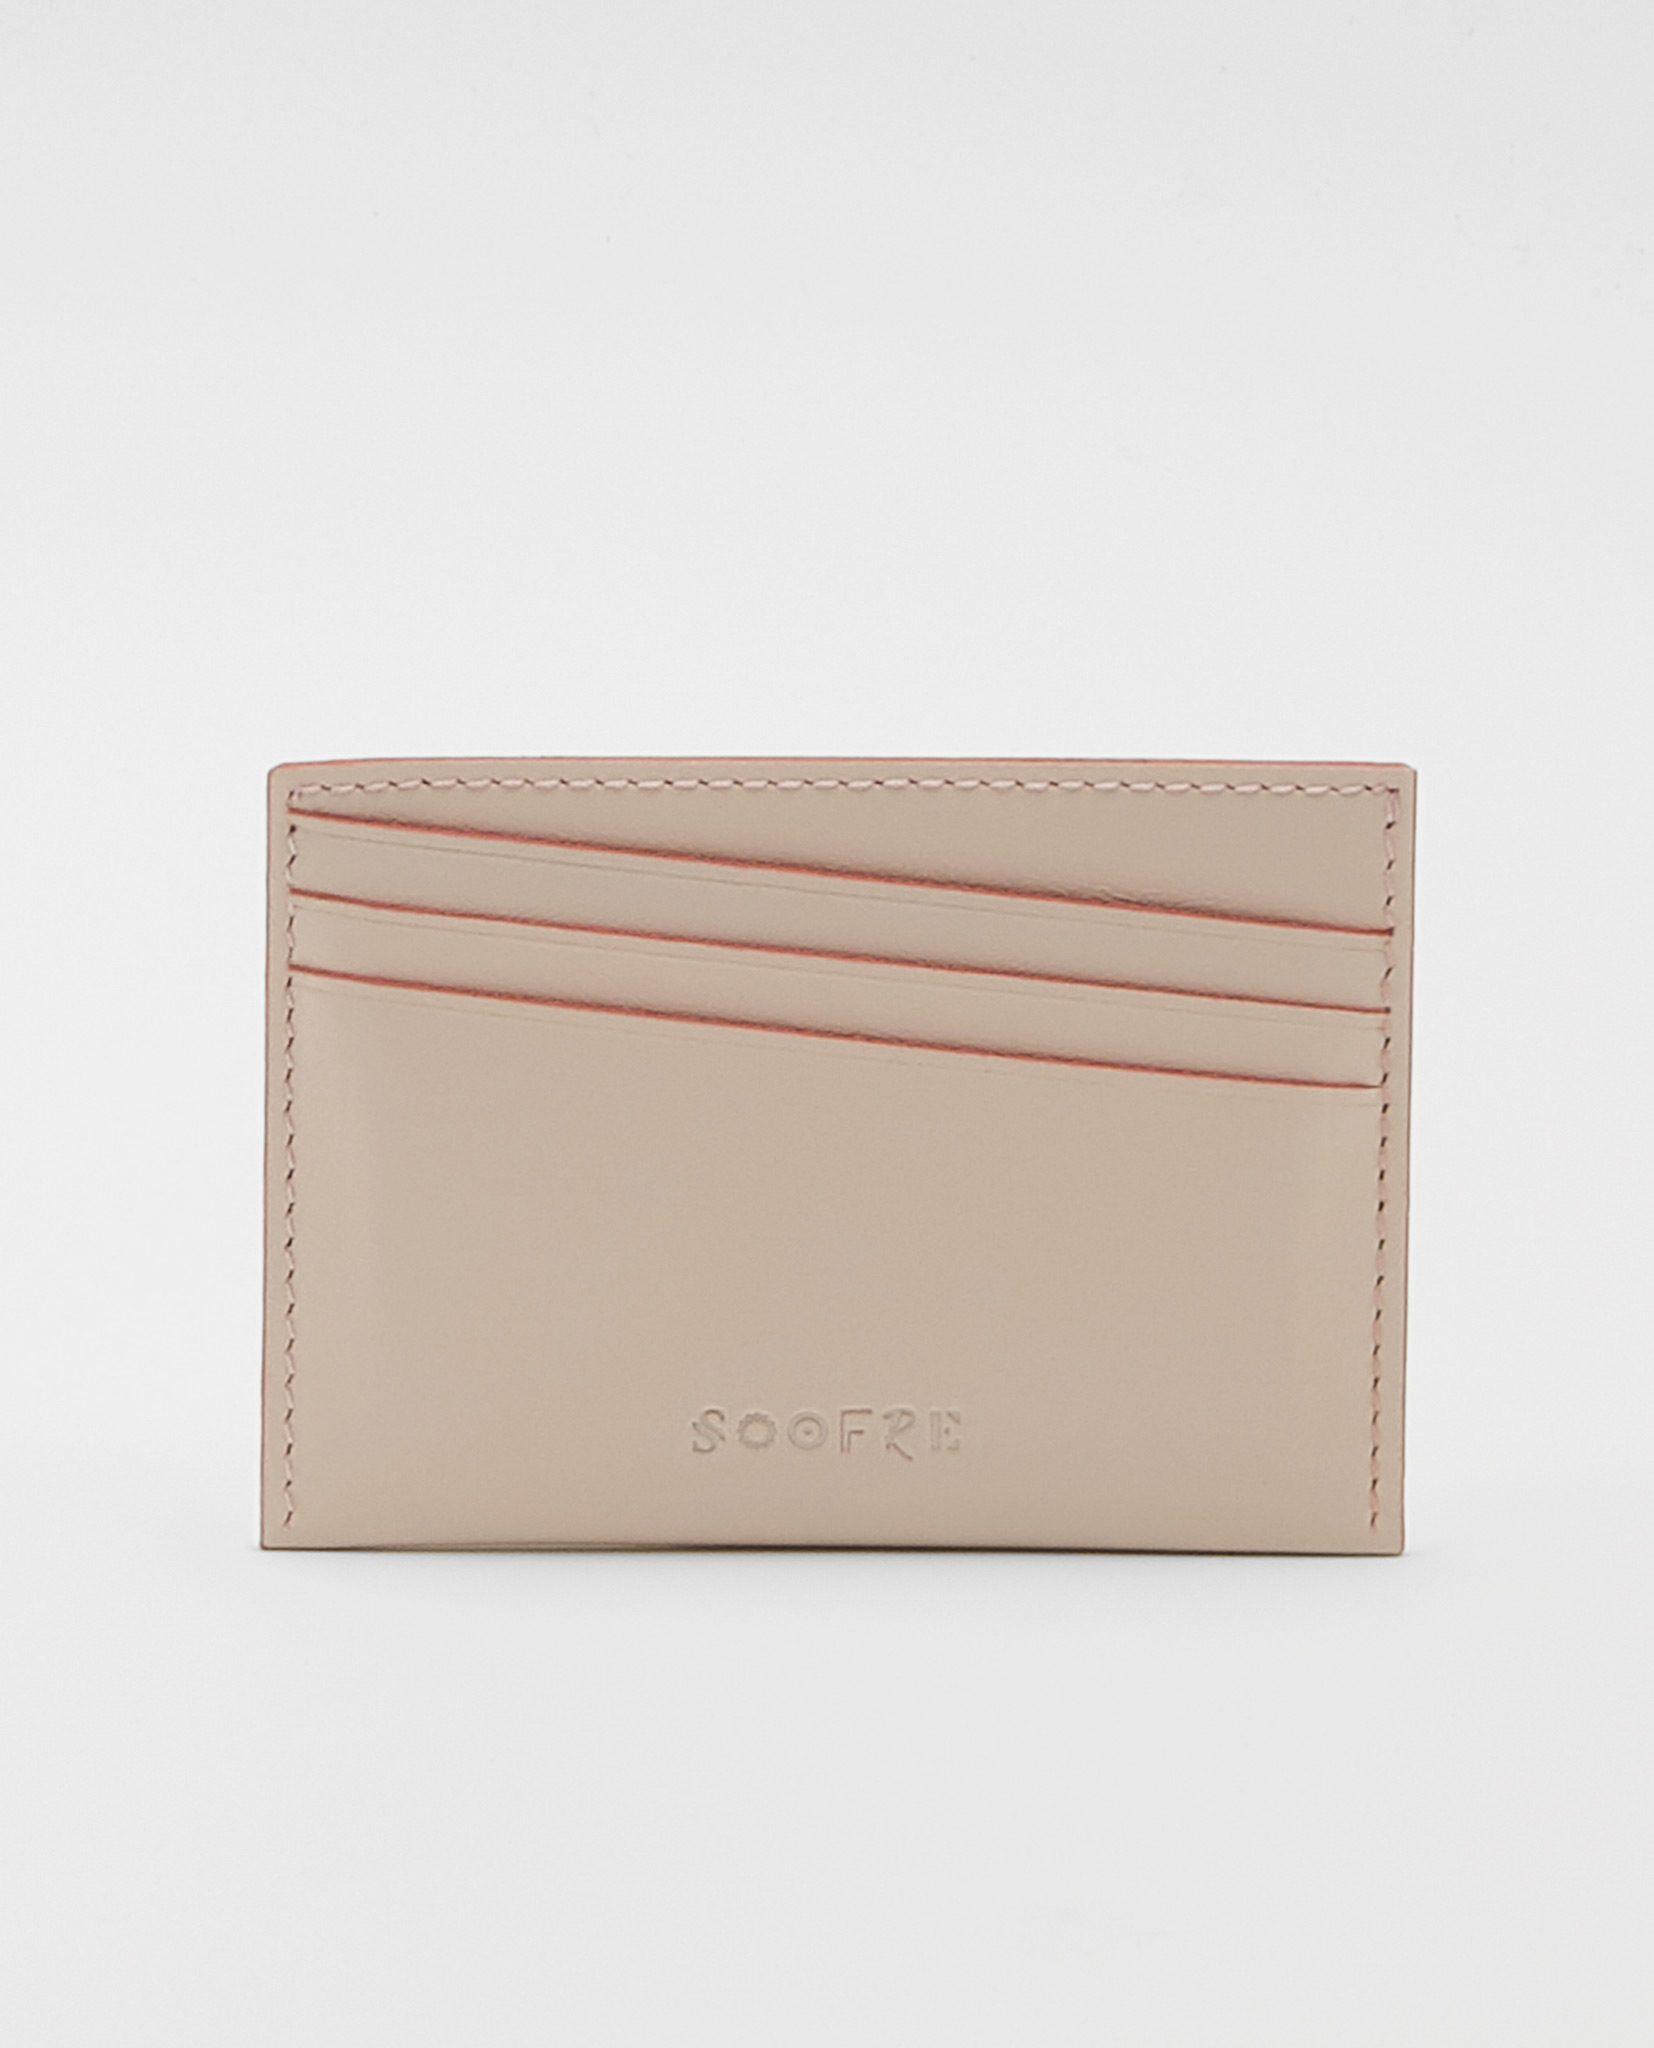 Soofre_Card-Holder_Blush-Coral_3